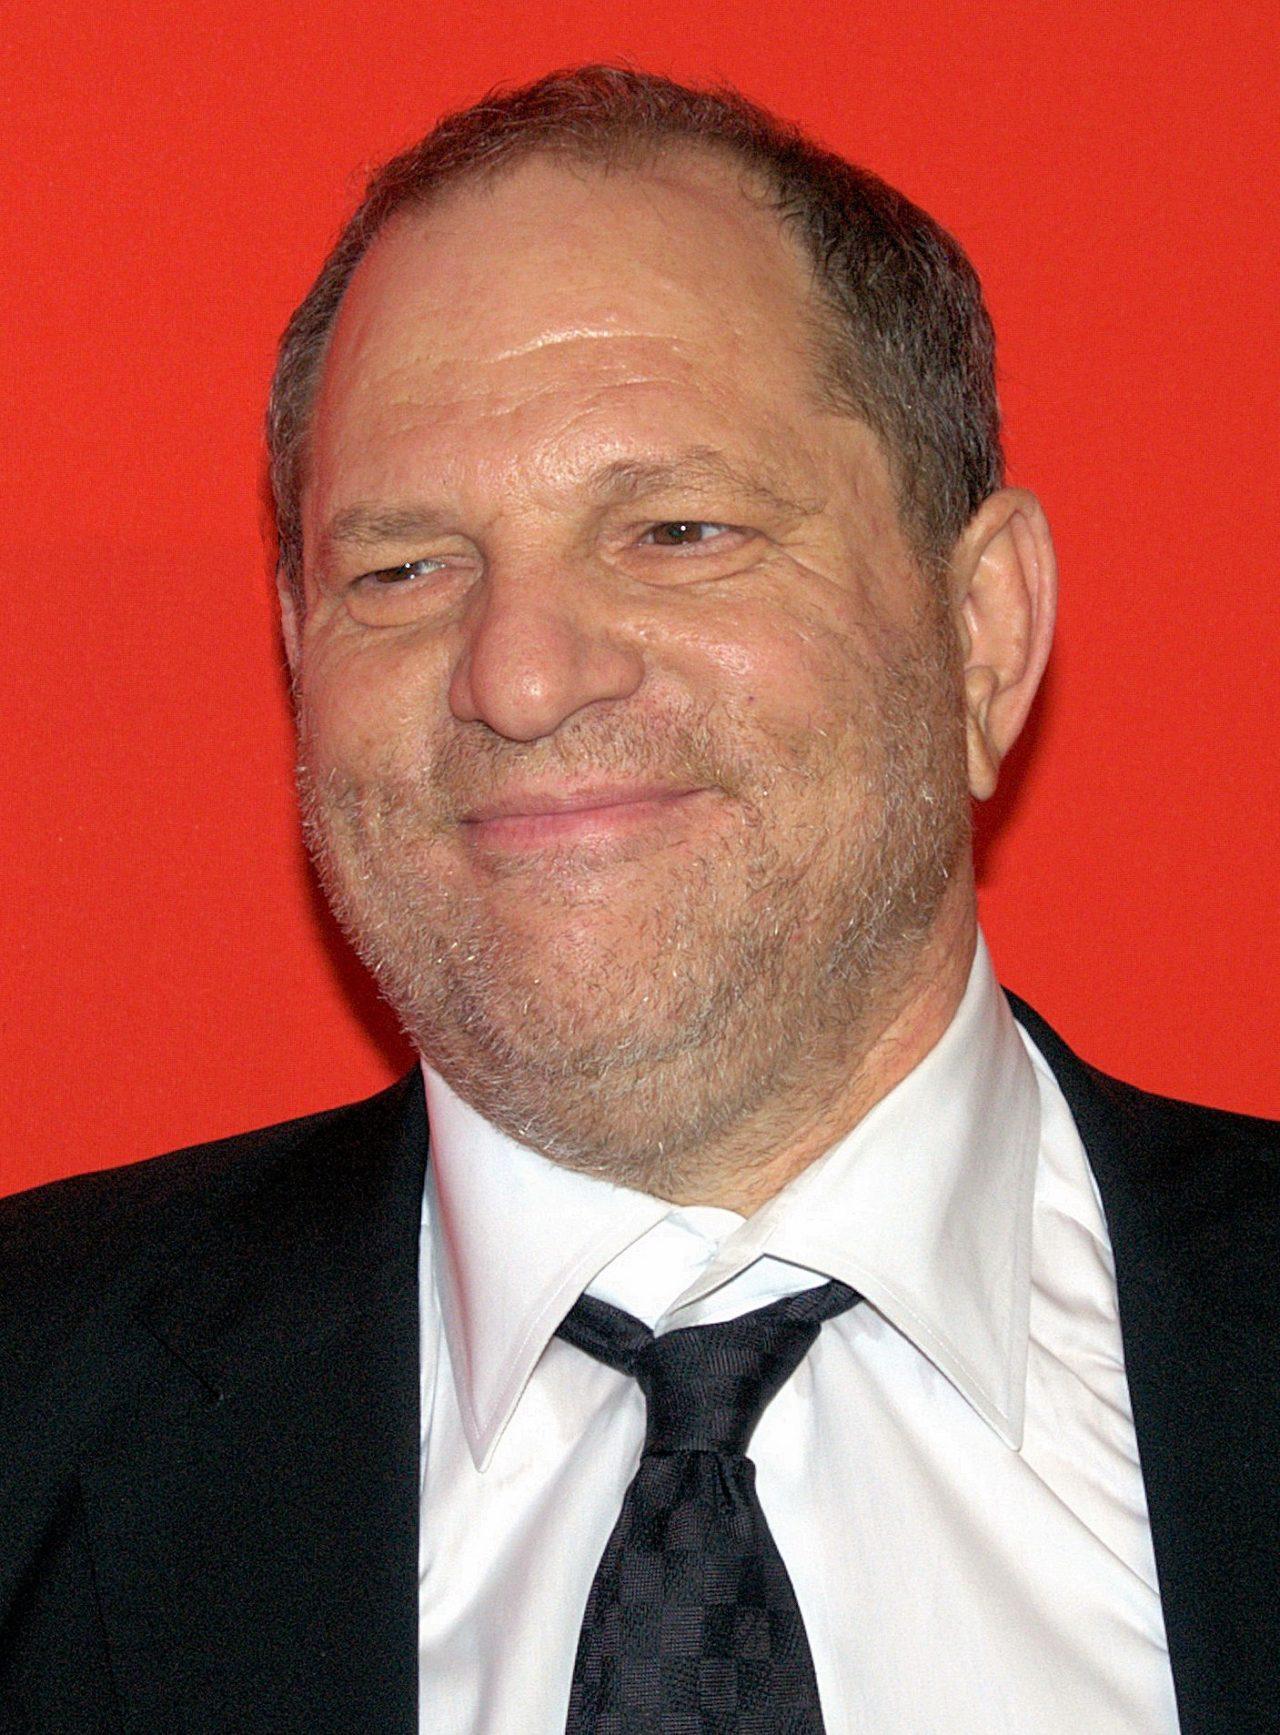 Harvey_Weinstein_2010_Time_100_Shankbone